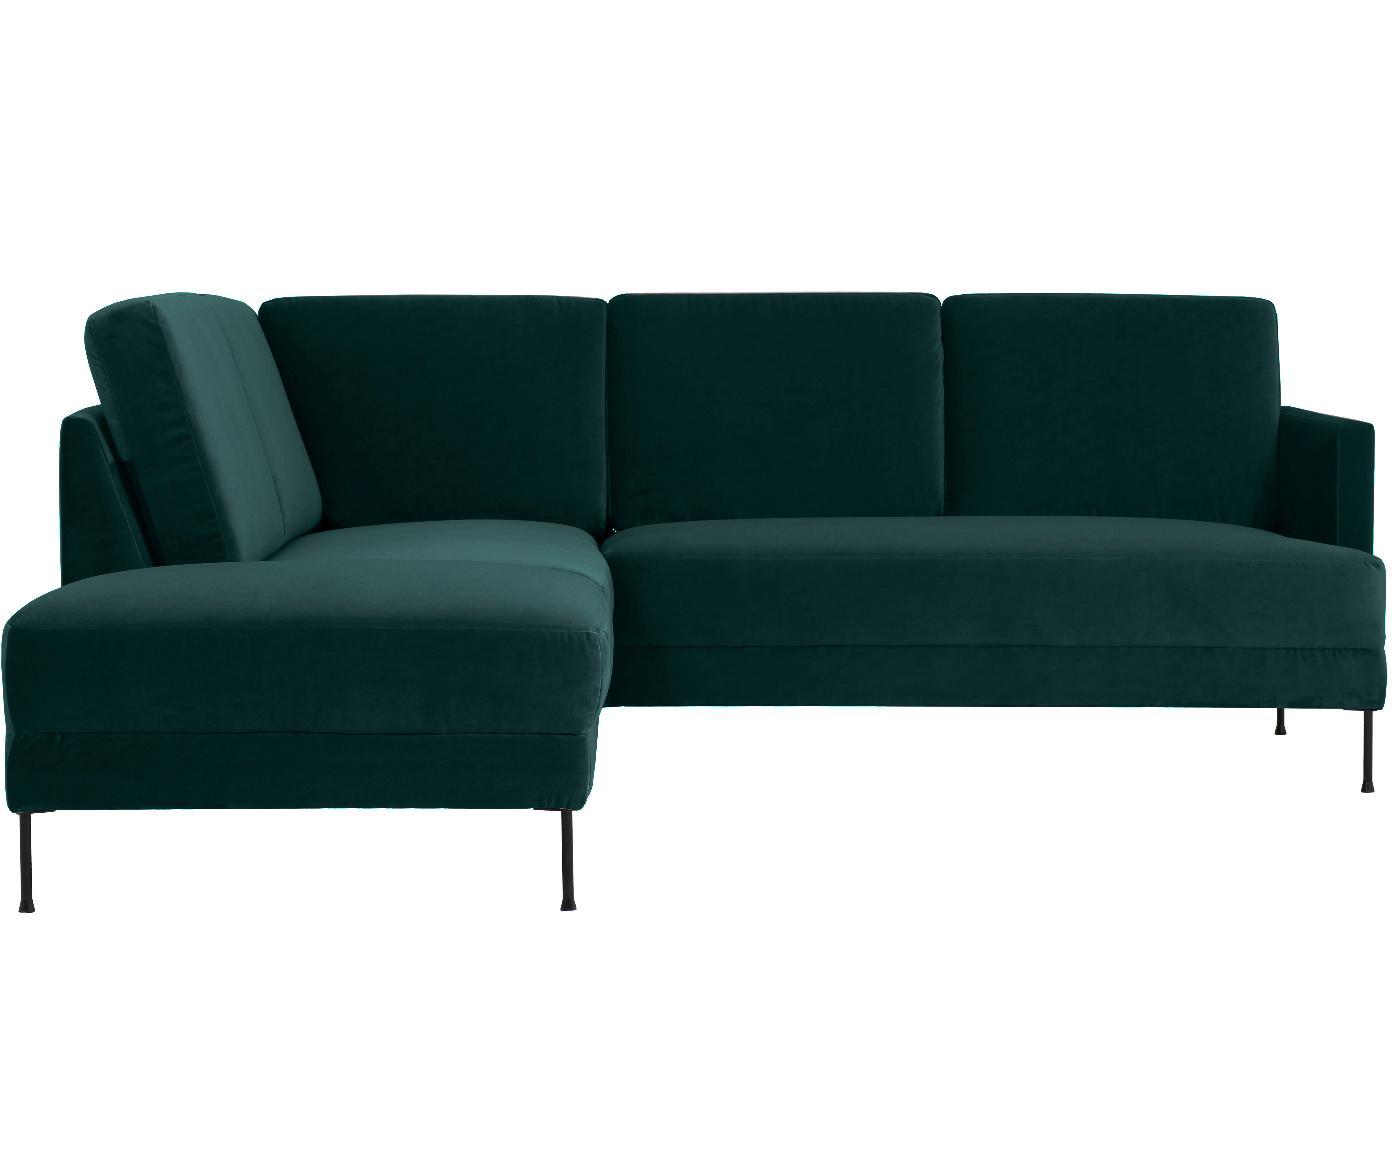 Sofa narożna z aksamitu Fluente, Tapicerka: aksamit (wysokiej jakości, Stelaż: lite drewno sosnowe, Nogi: metal lakierowany, Ciemnozielony aksamit, S 221 x G 200 cm